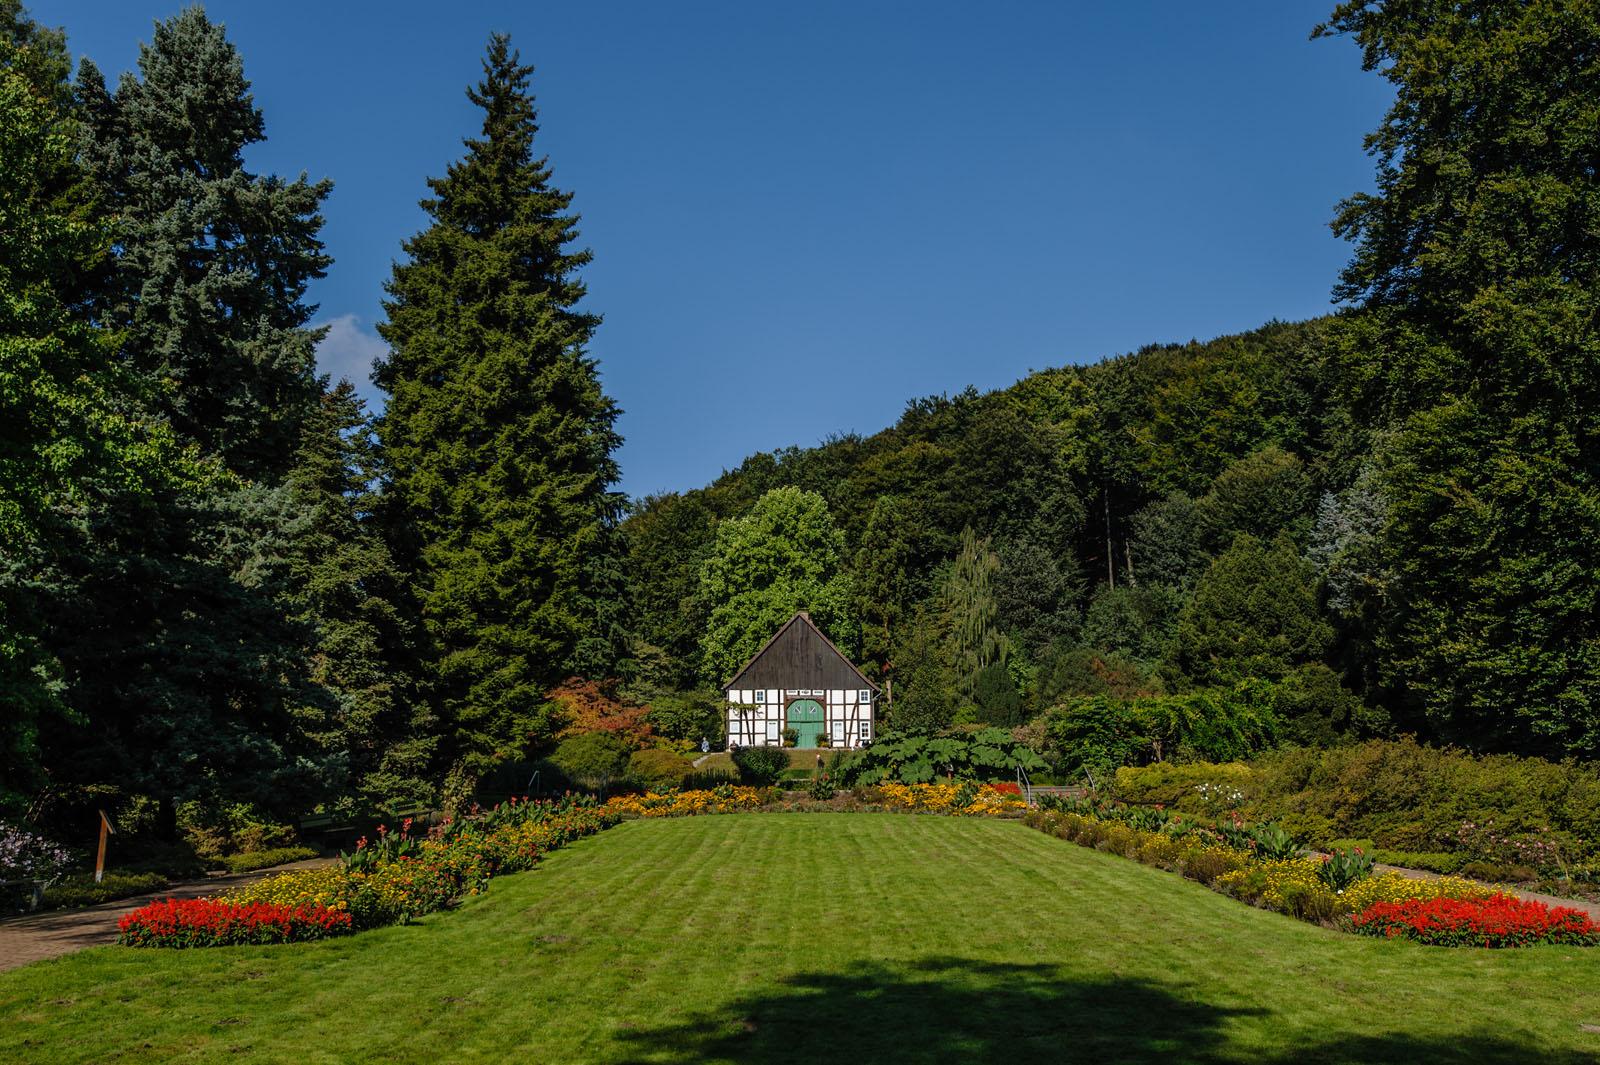 Impressionen verein freunde des botanischen gartens - Ankergarten bielefeld ...